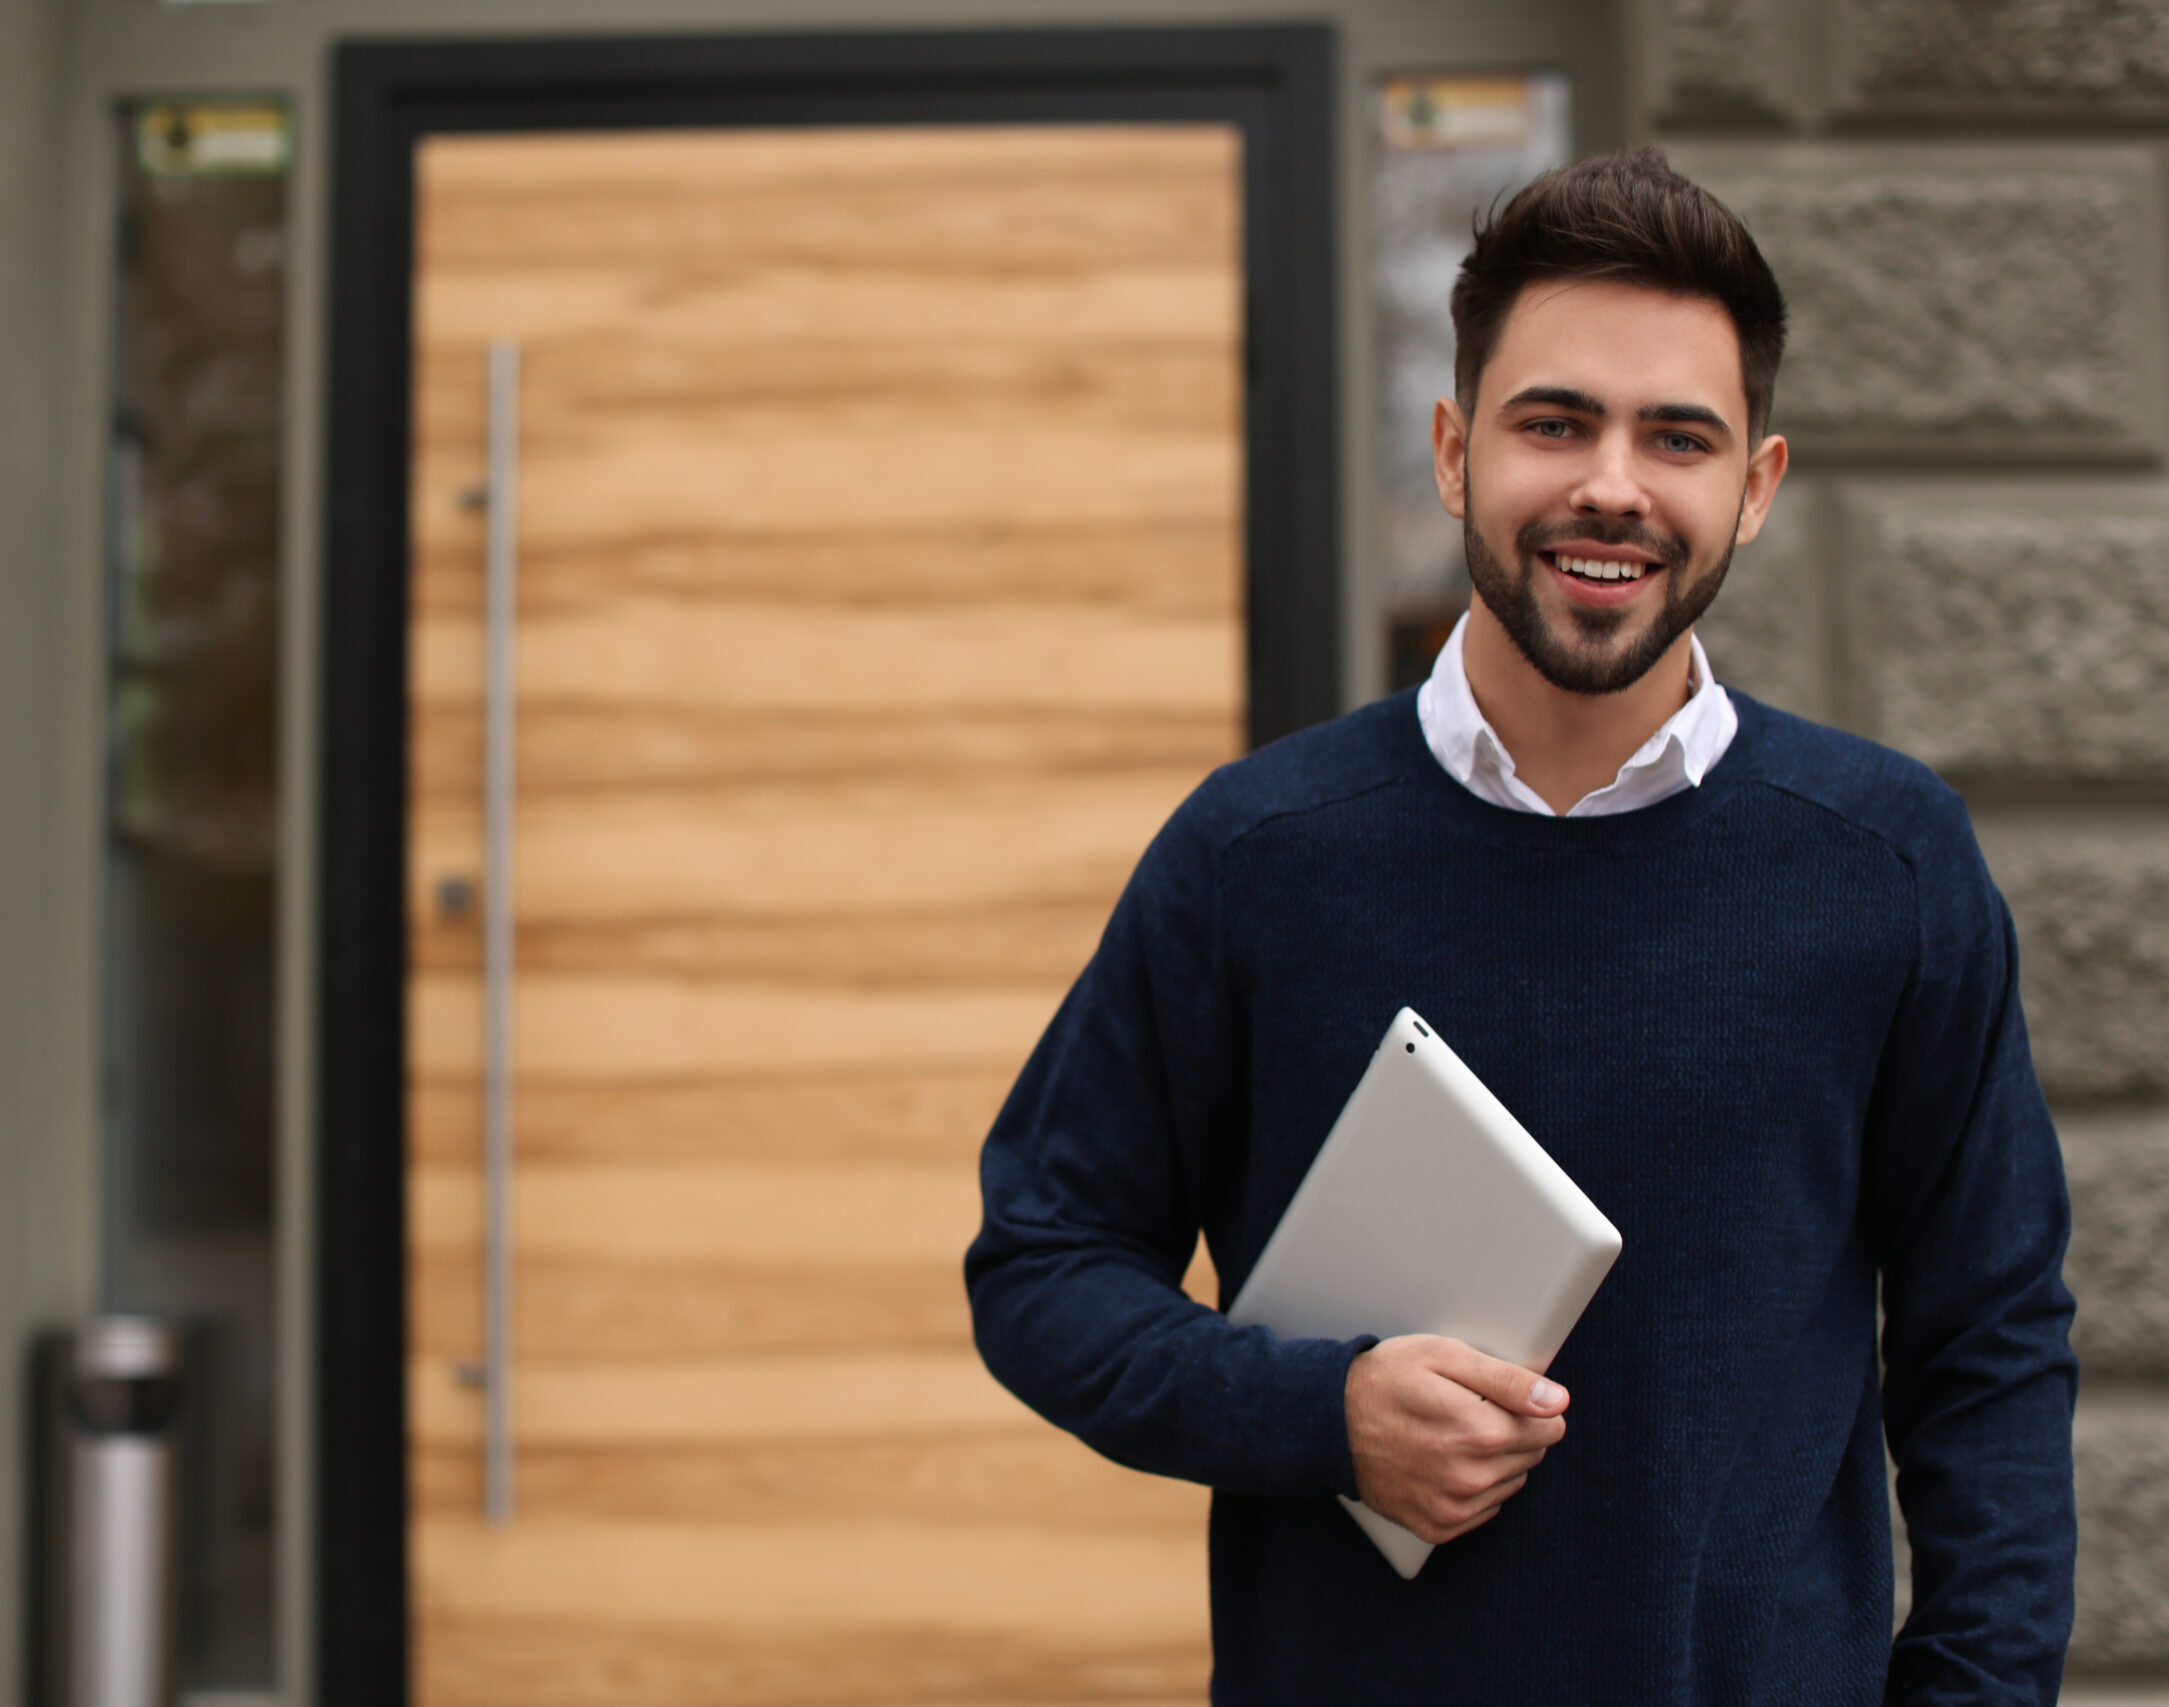 Toronto Commercial Door Ltd. Sales Expert Smiling